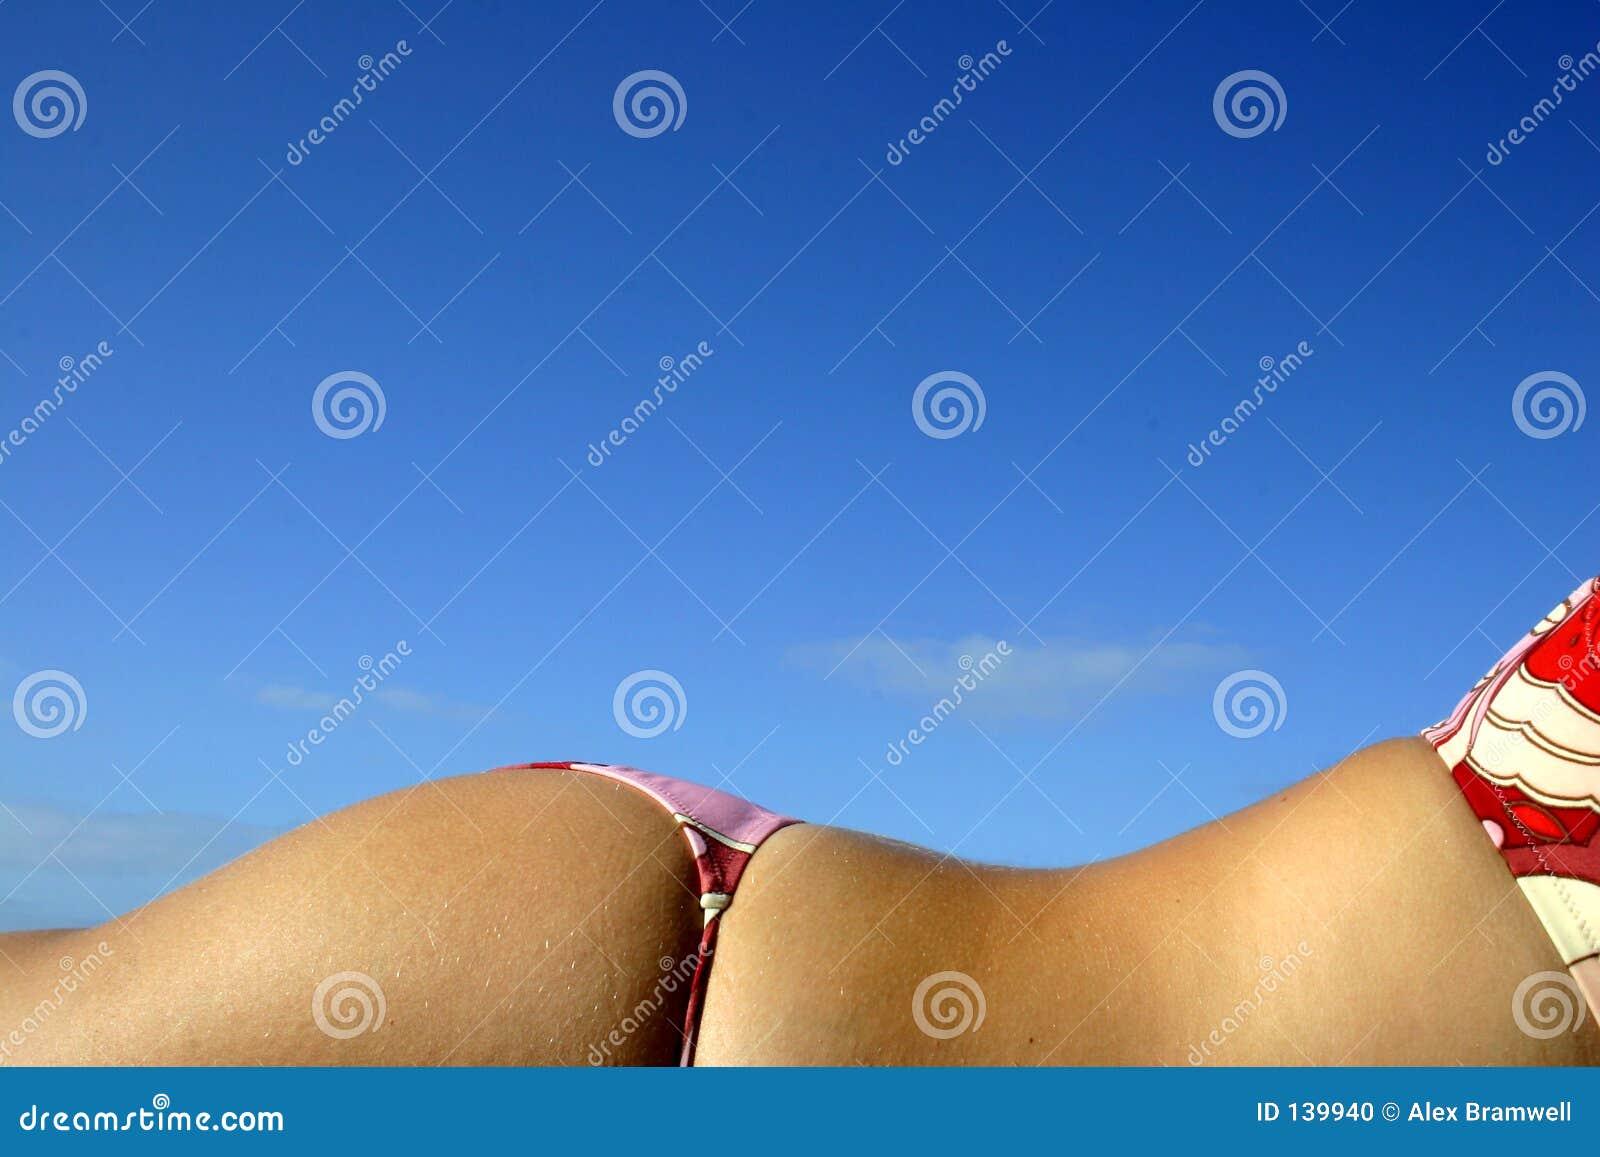 Bickini sunbathe back